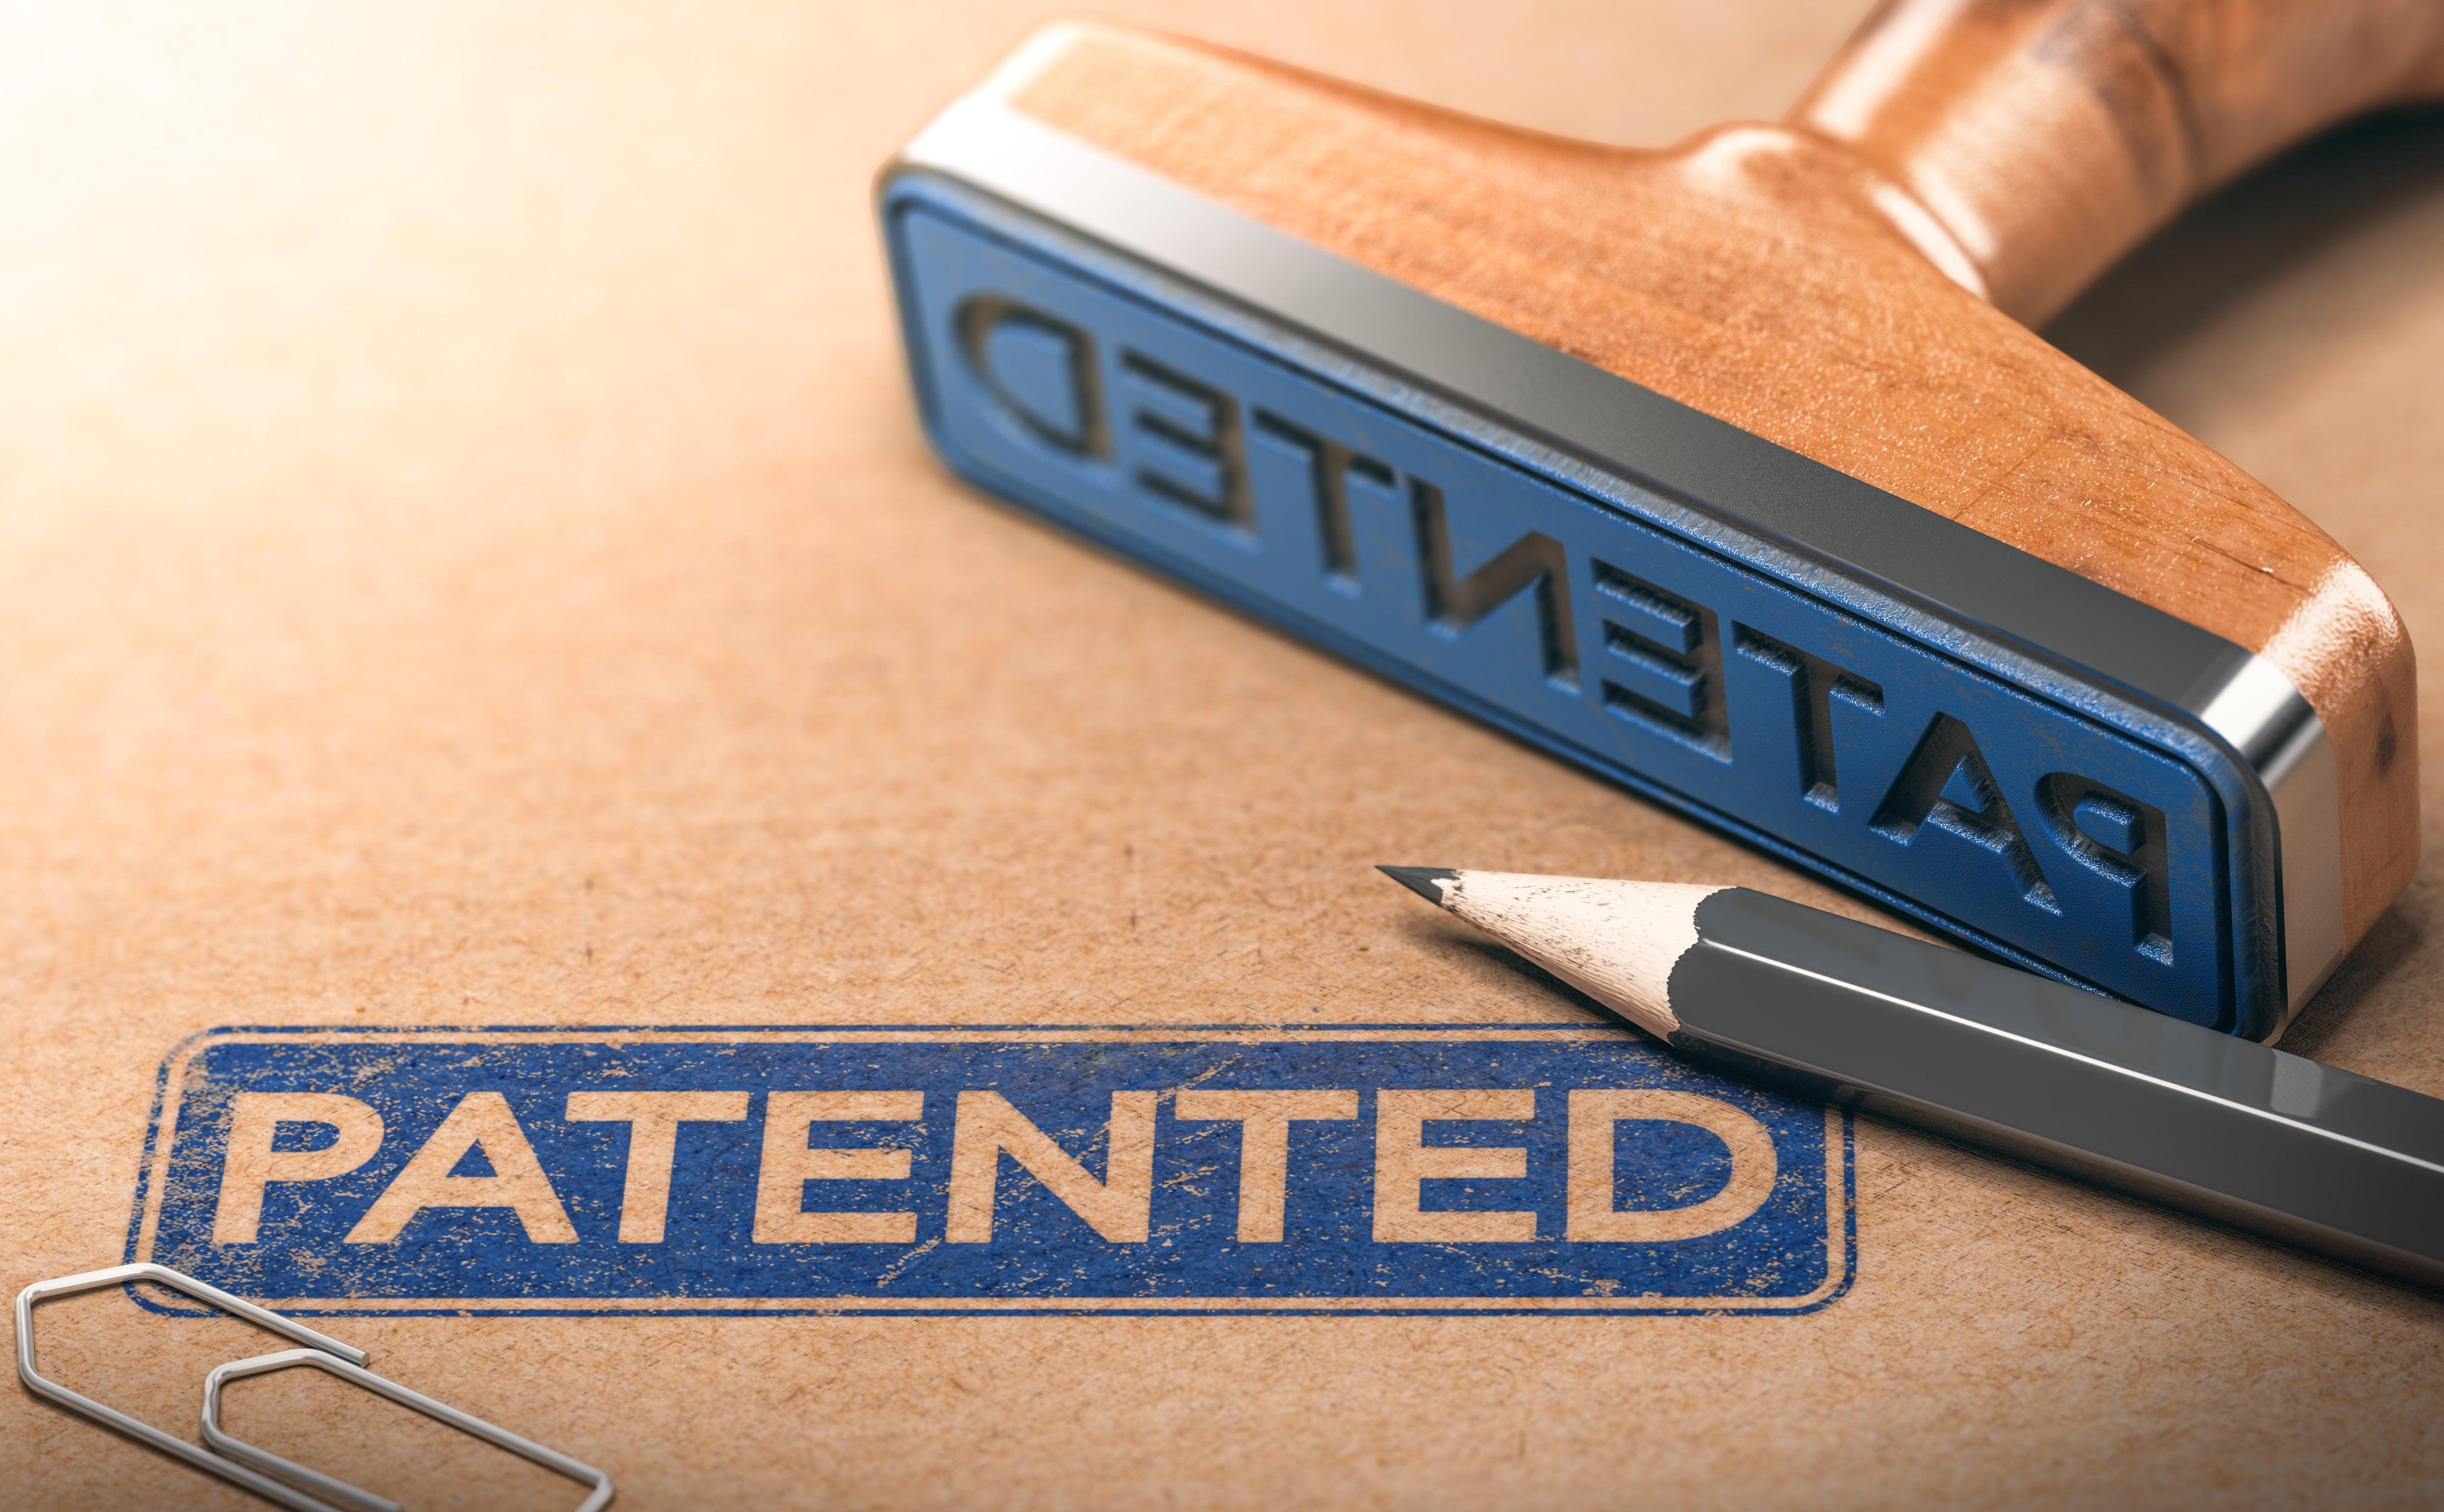 IDEA StatiCa Patent